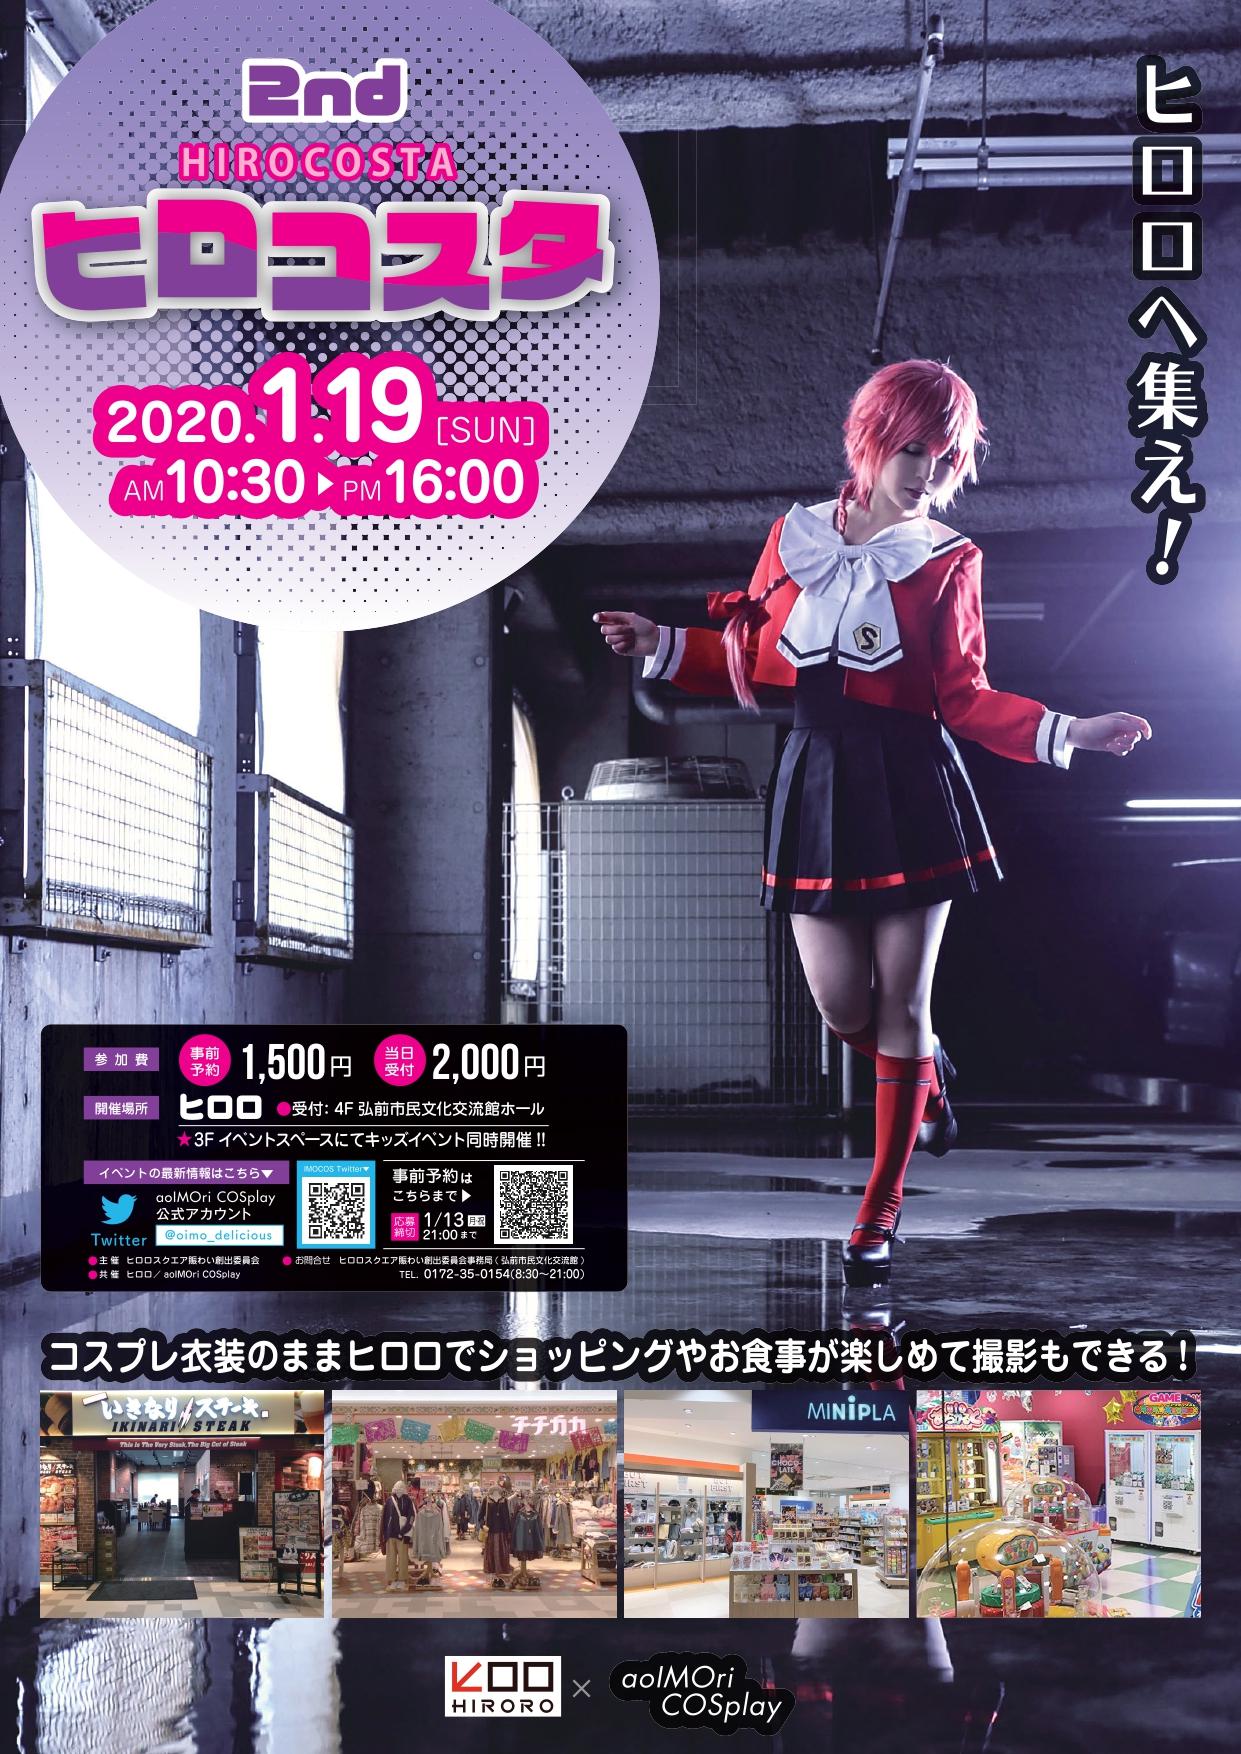 『ヒロコスタ2nd』ポスター_page-0001.jpg